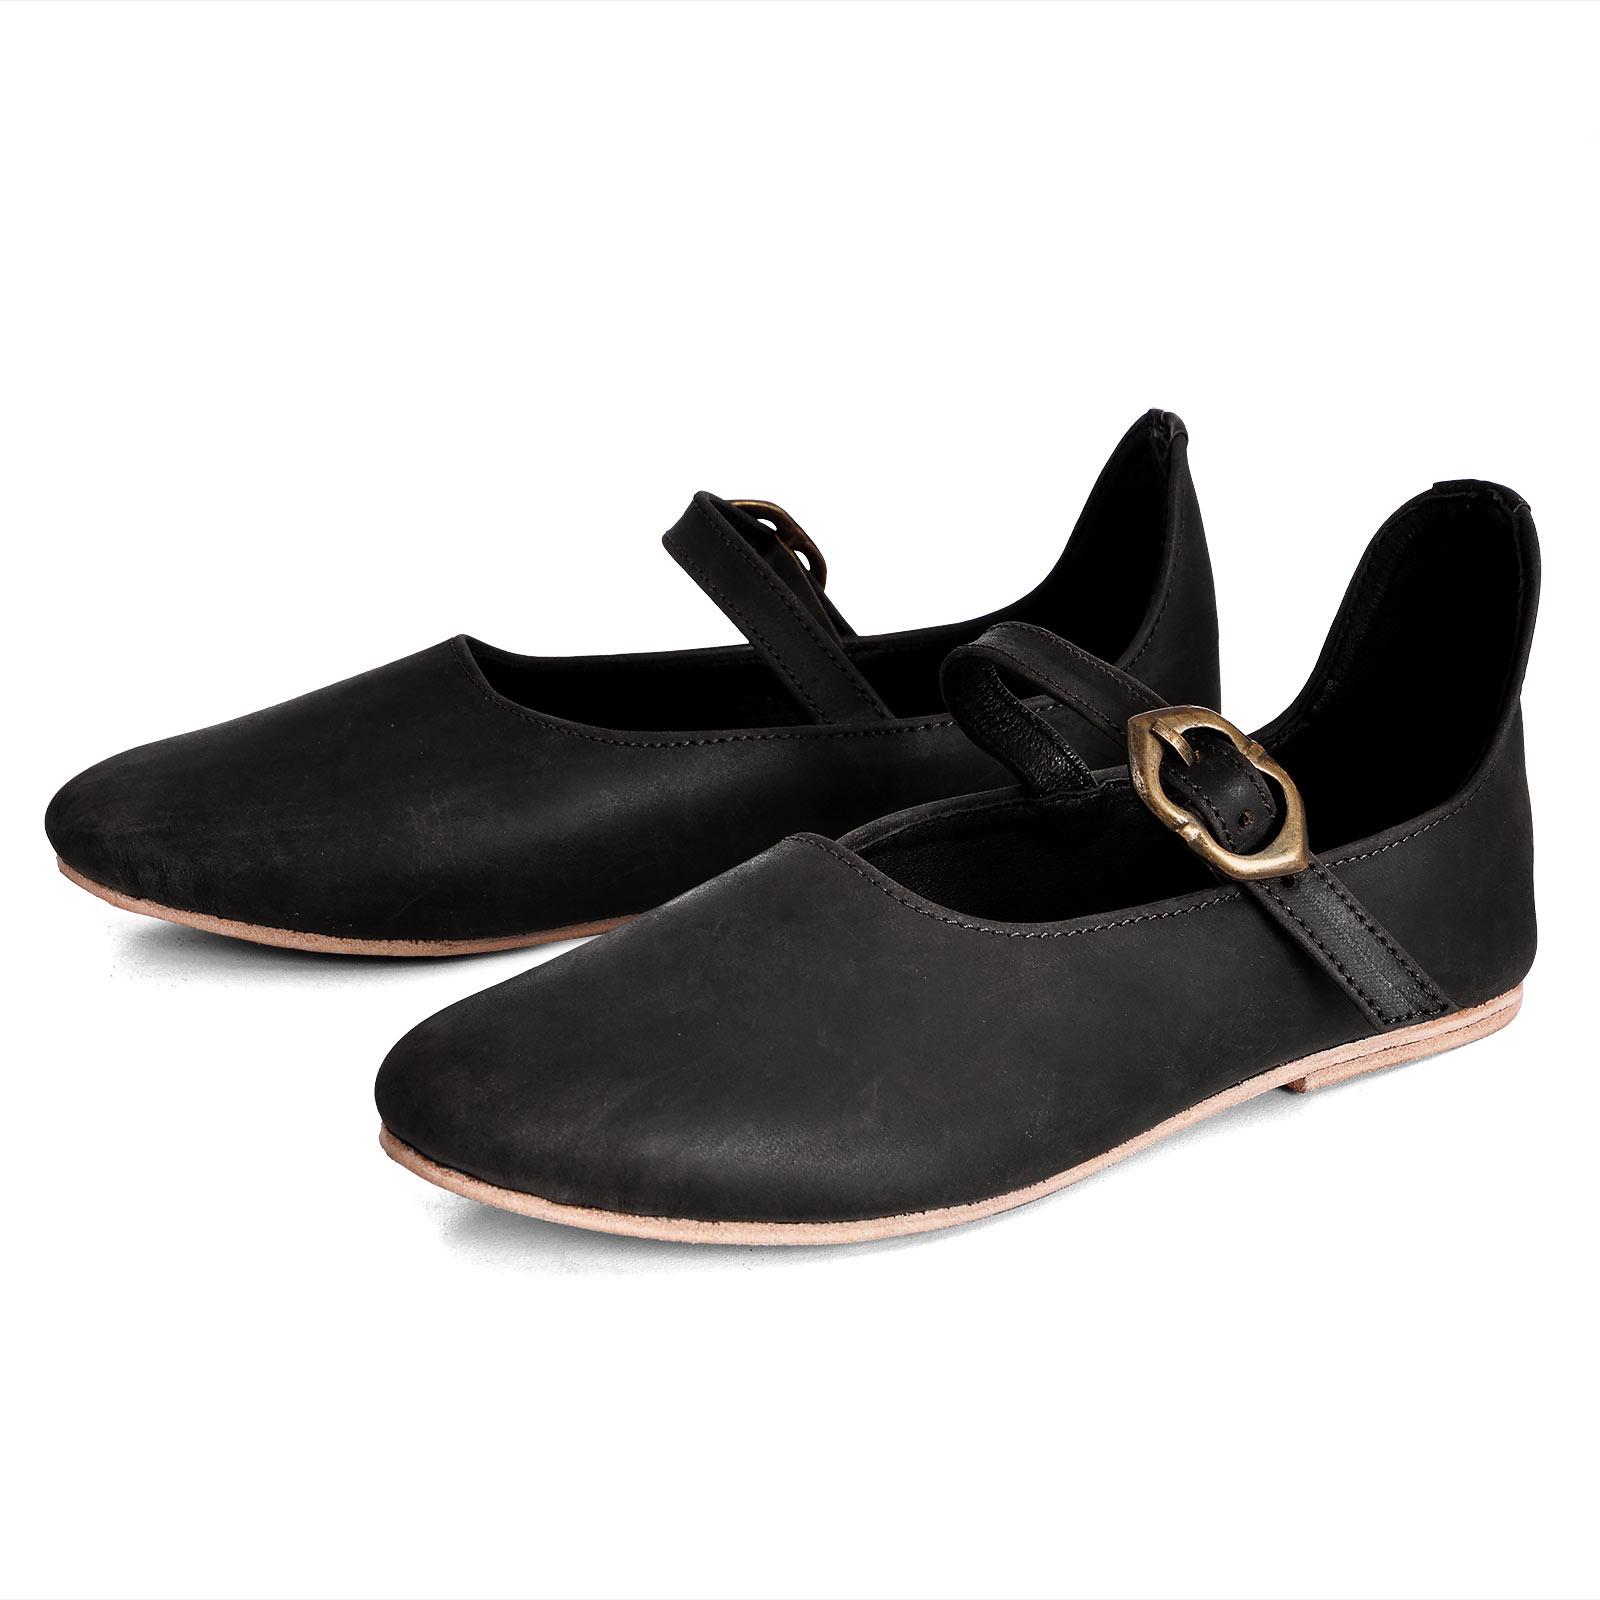 Mittelalter Schuhe Cecilie Damen schwarz